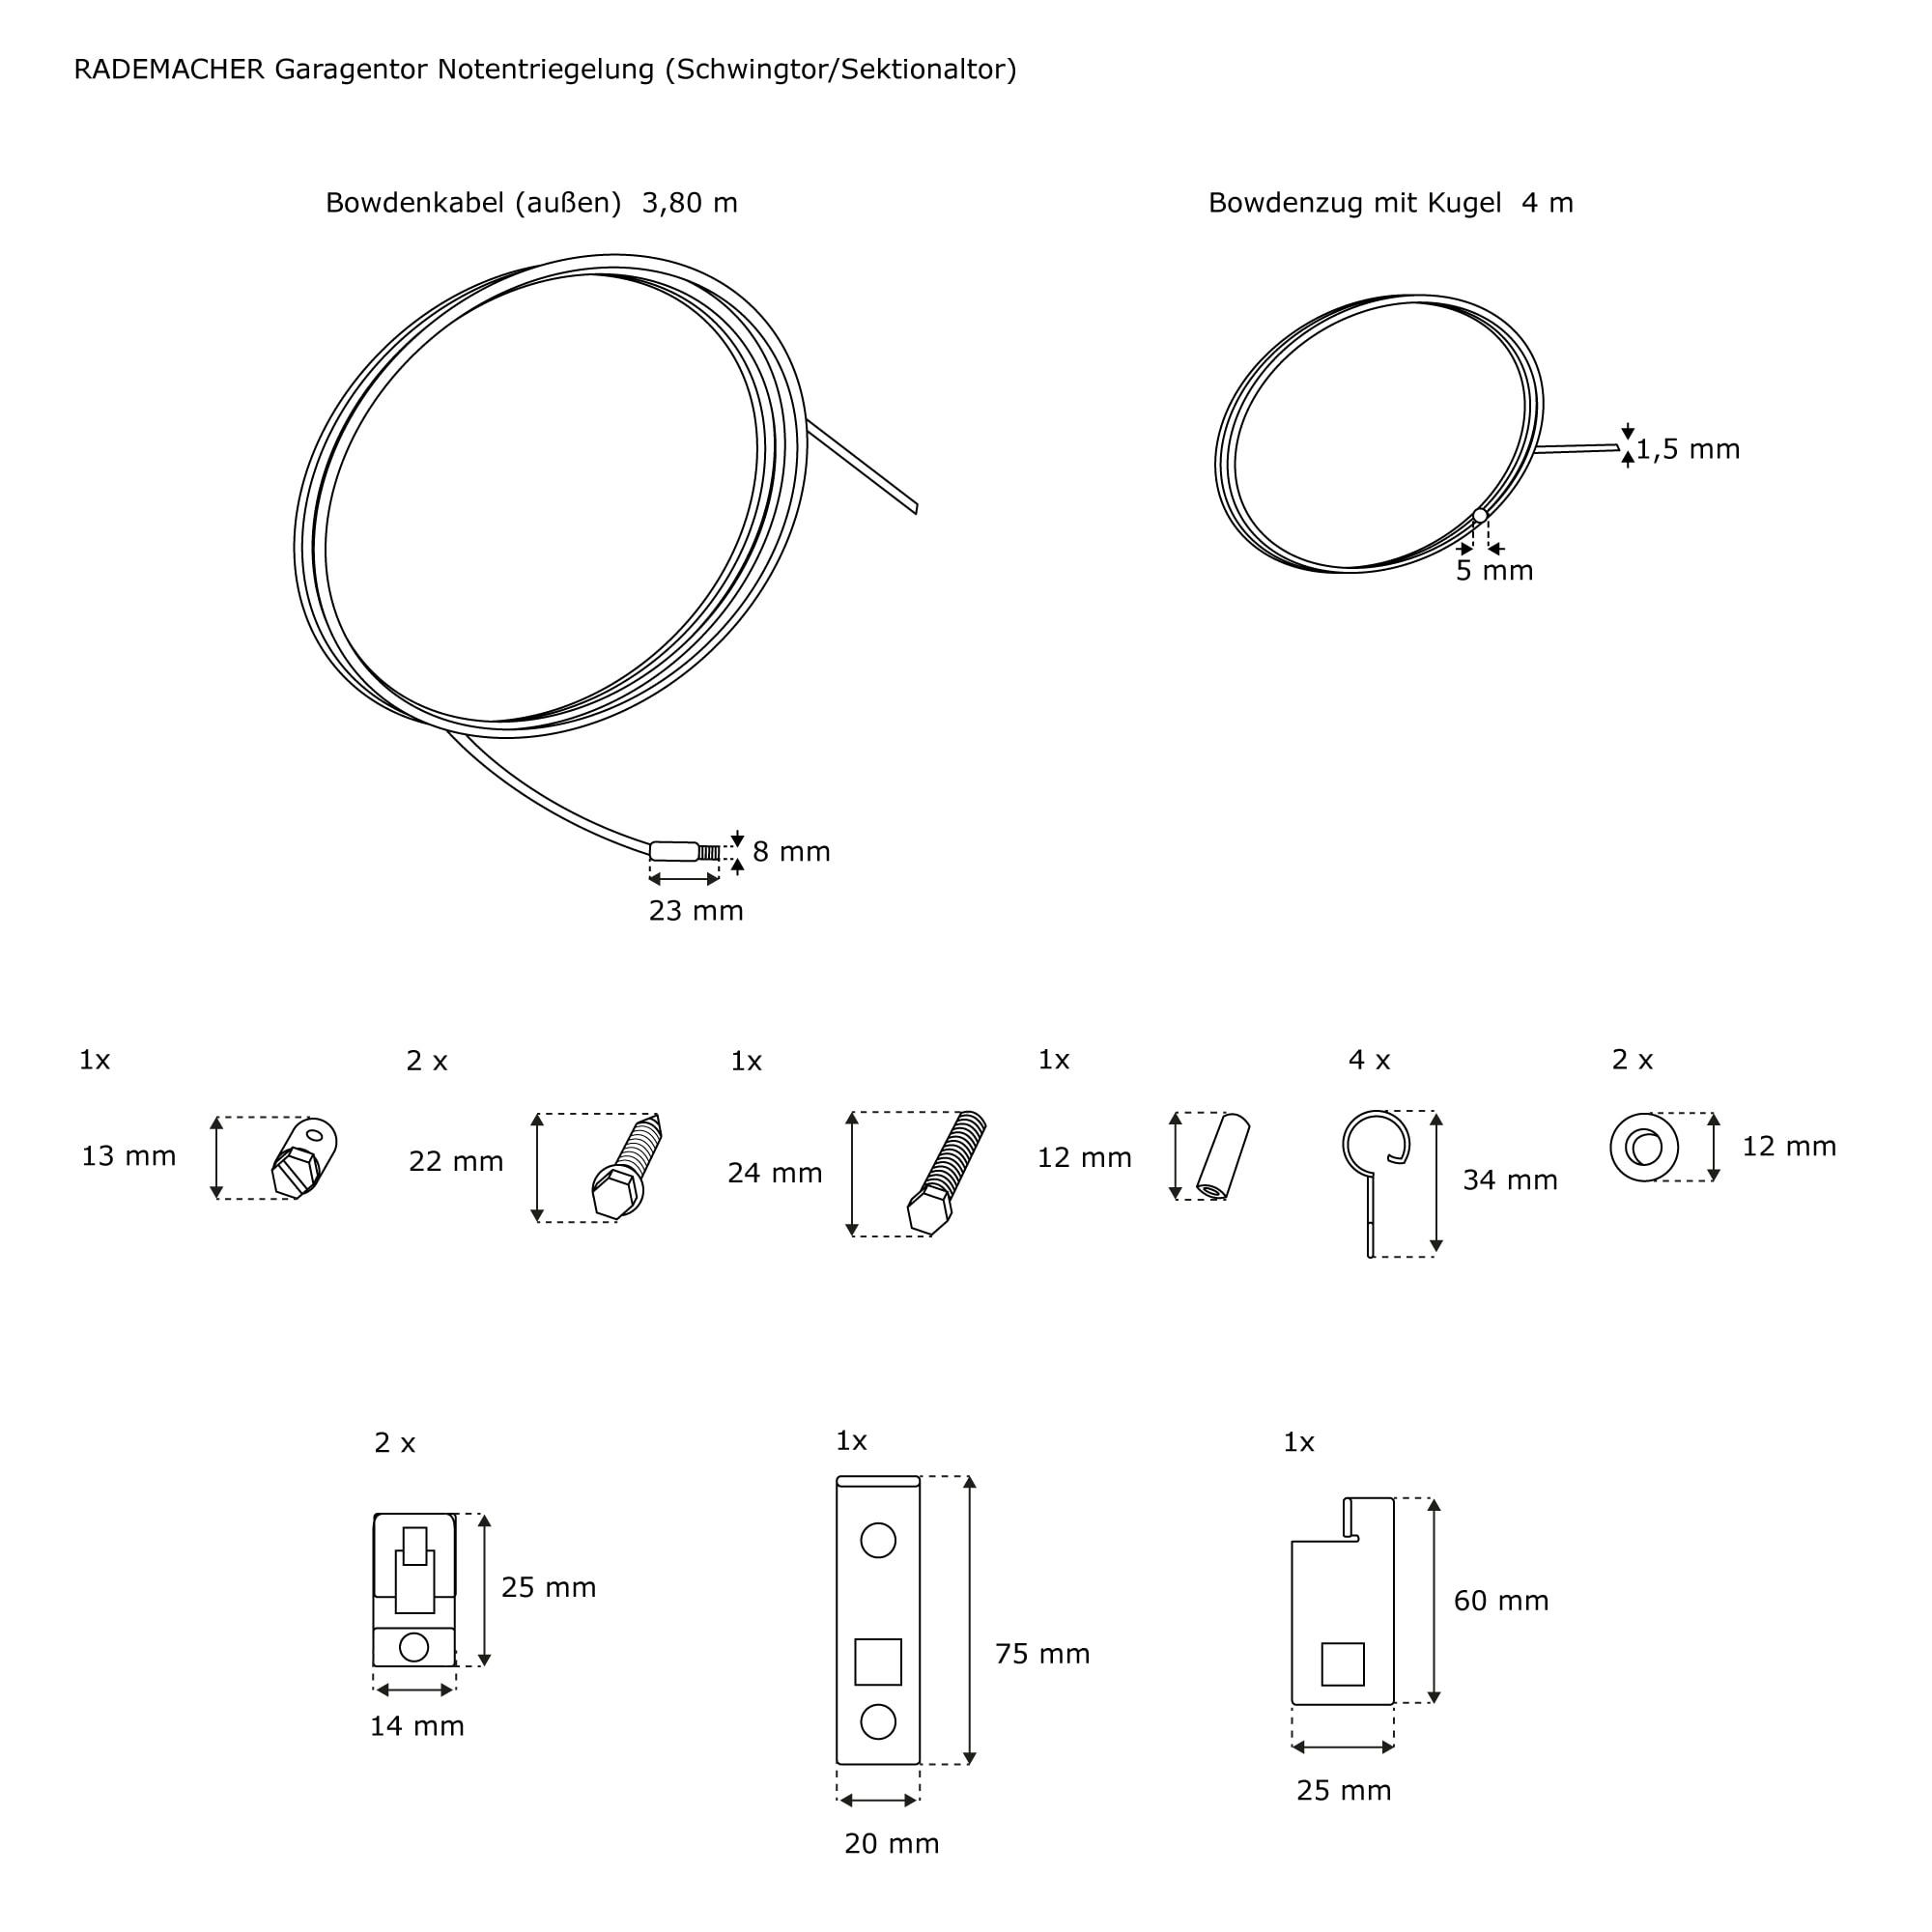 Rademacher Notentriegelung Garagentore Schwing-// Sektionaltor RolloPort S2 SX5